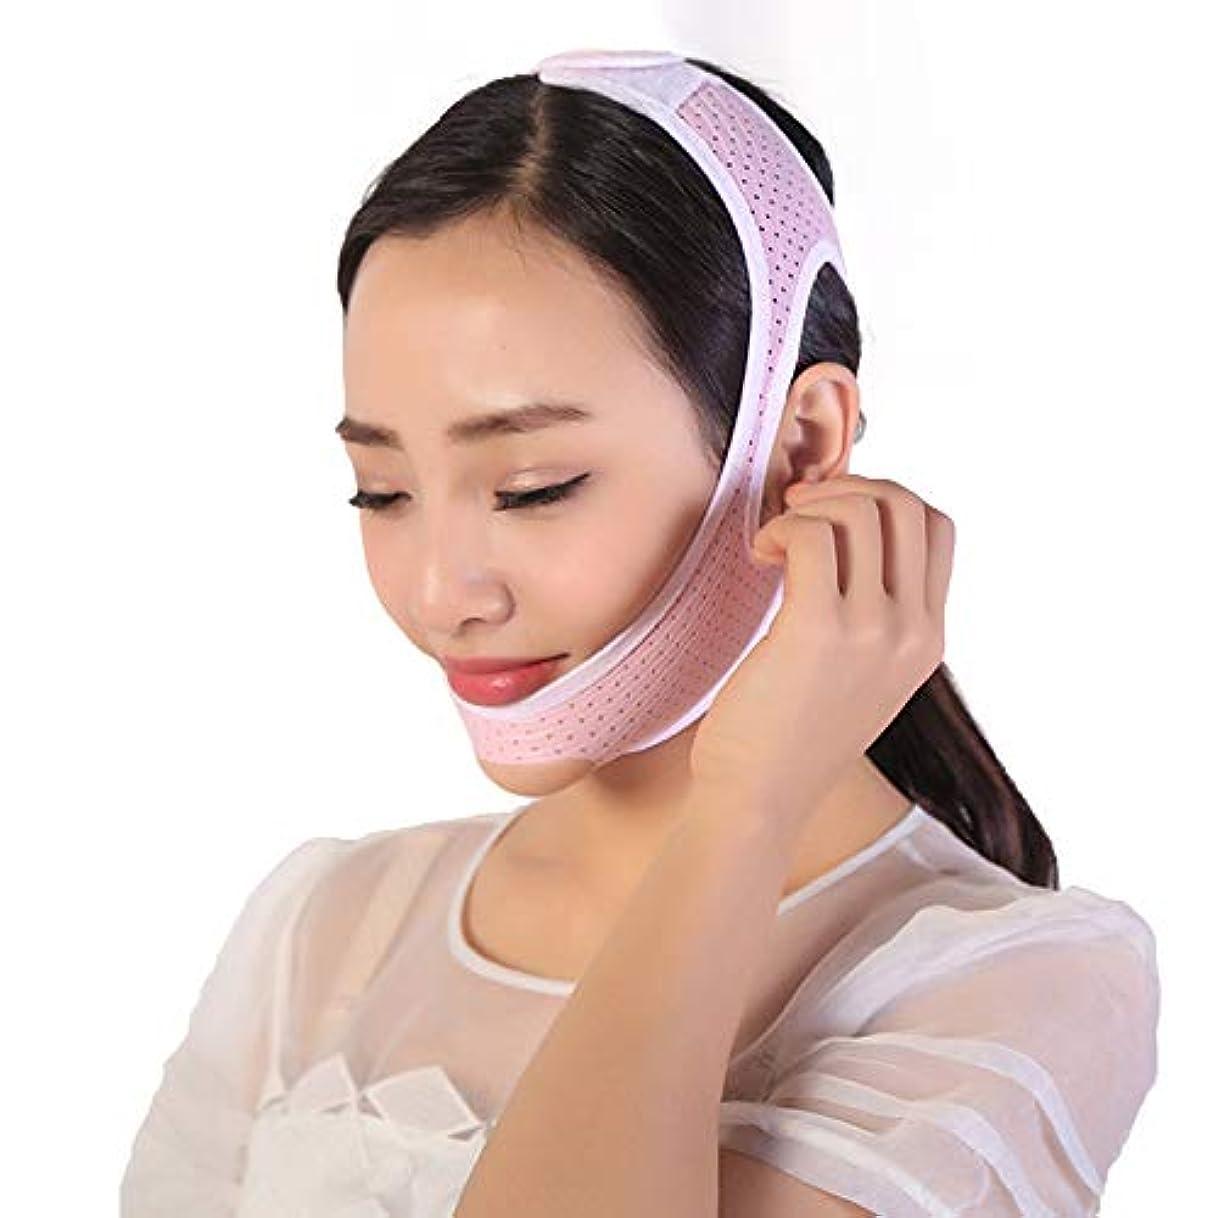 ルアー祭り類似性GYZ フェイシャルリフティングスリミングベルト - 薄型フェイス包帯ダブルチンデバイスフェイシャルマッサージアンチエイジングリンクルフェイスマスクベルト Thin Face Belt (Size : L)